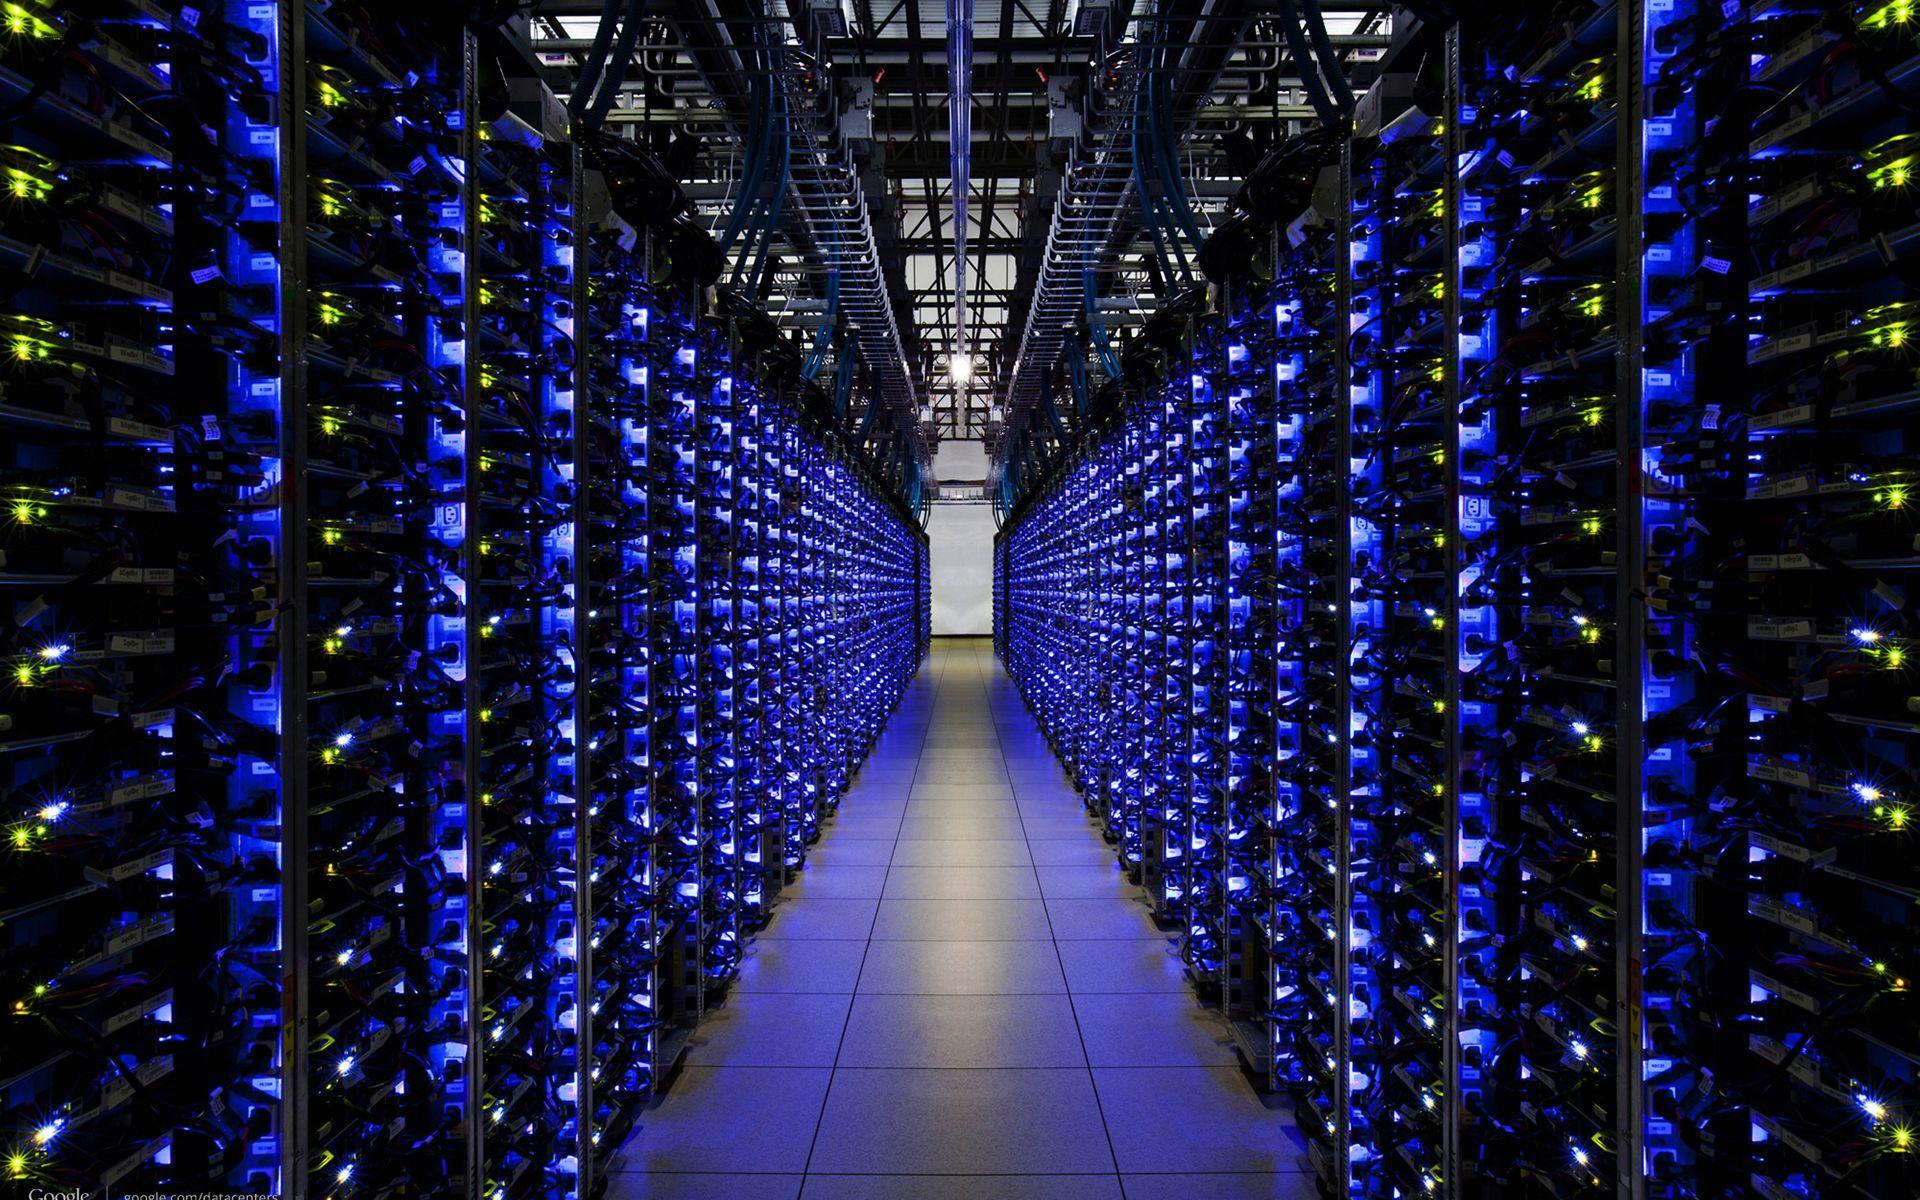 «Кривой» сервер весь ЦОД портит! Что следует помнить при выборе серверной памяти - 2